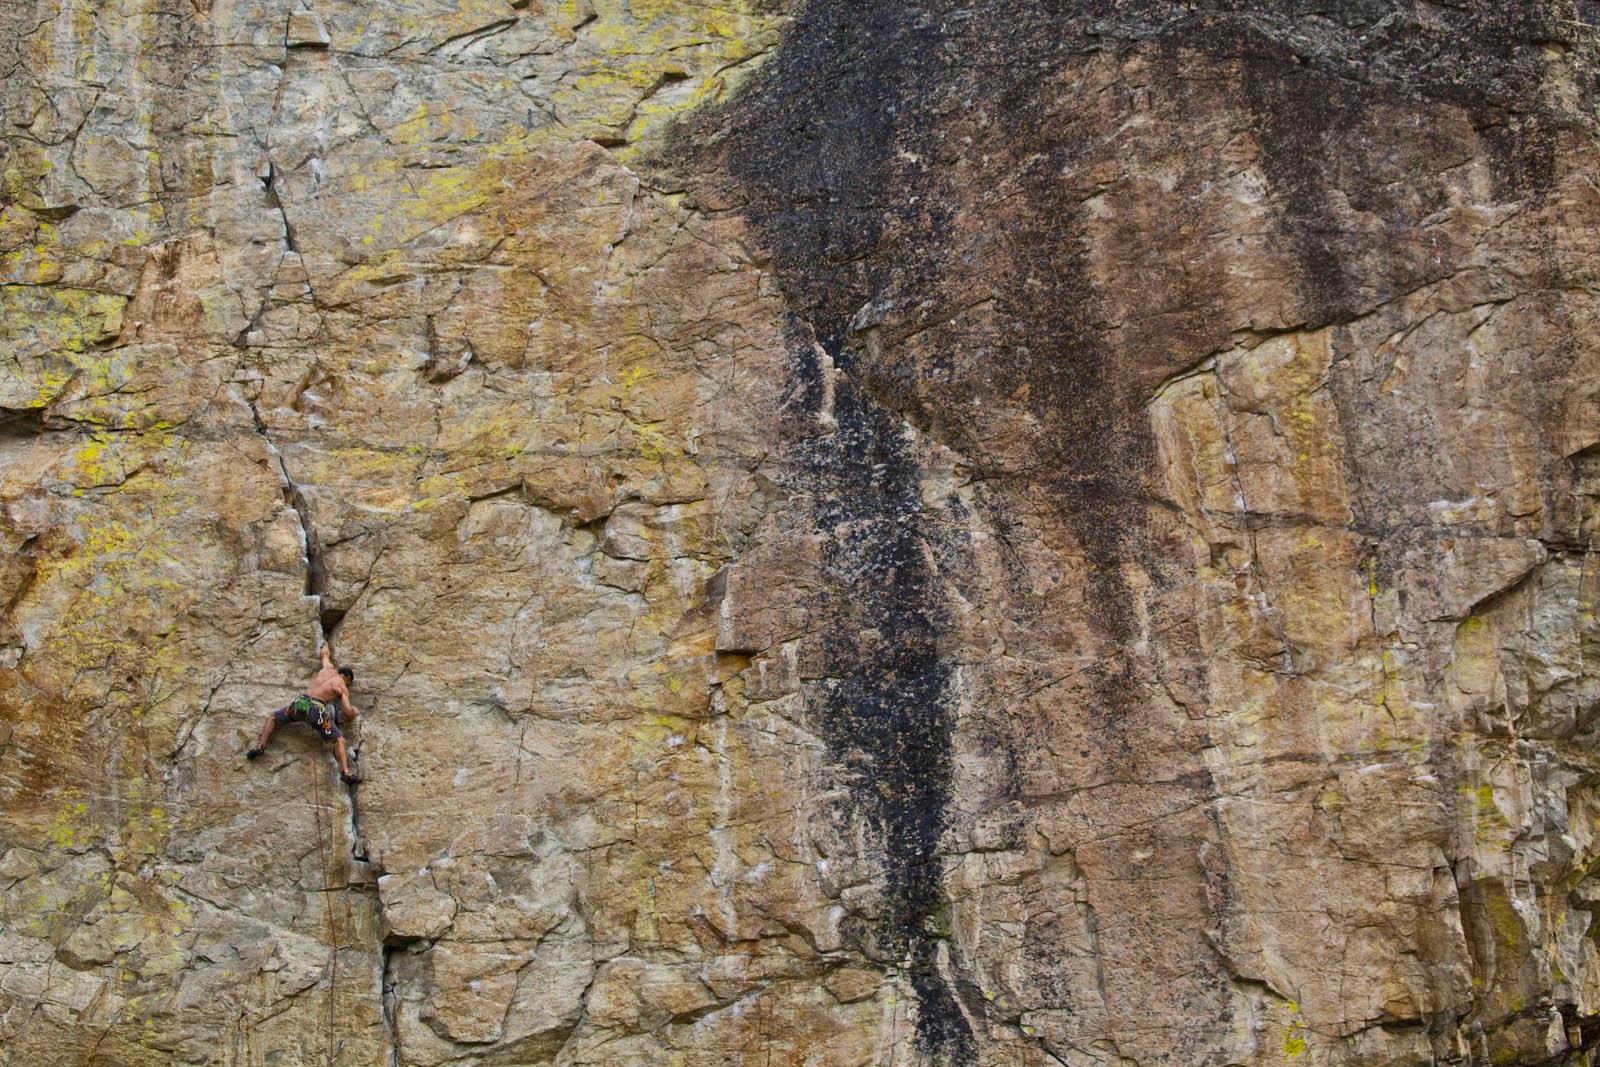 Marco Delesalle, Snake Bite 11d, Skaha Penticton, BC